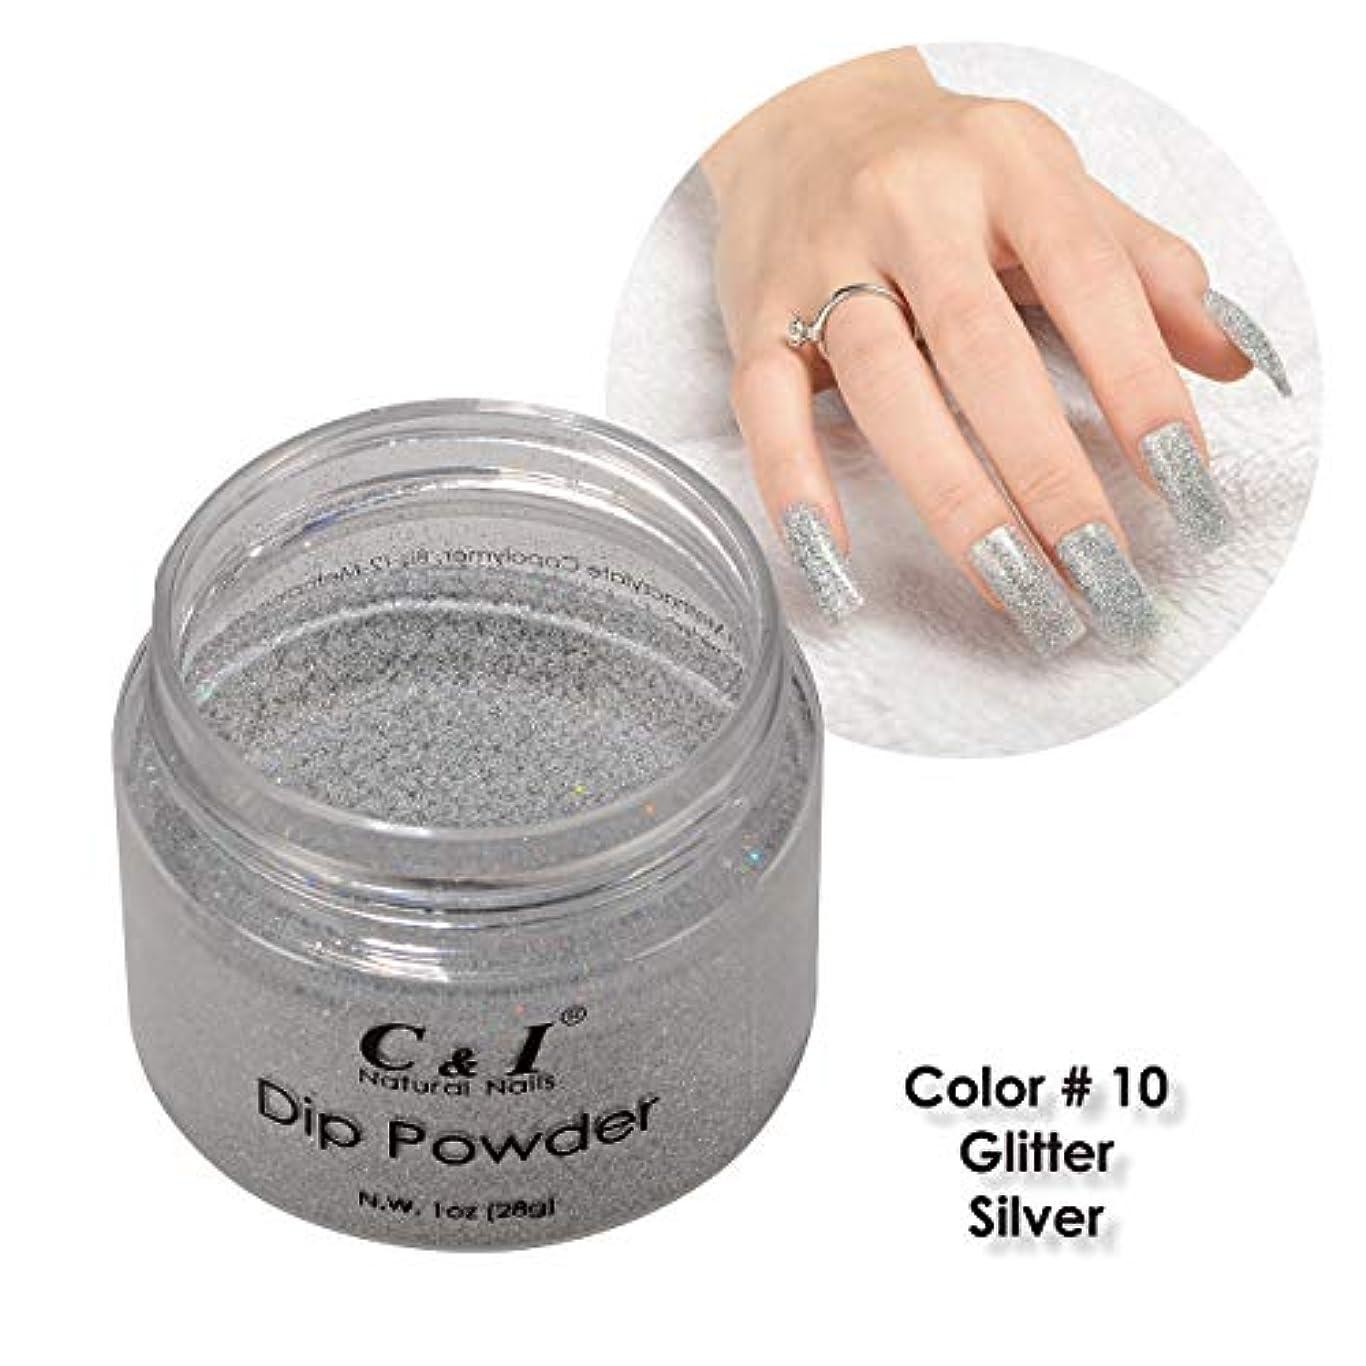 C&I Dip Powder ネイルディップパウダー、ネイルカラーパウダー、カラーNo.10